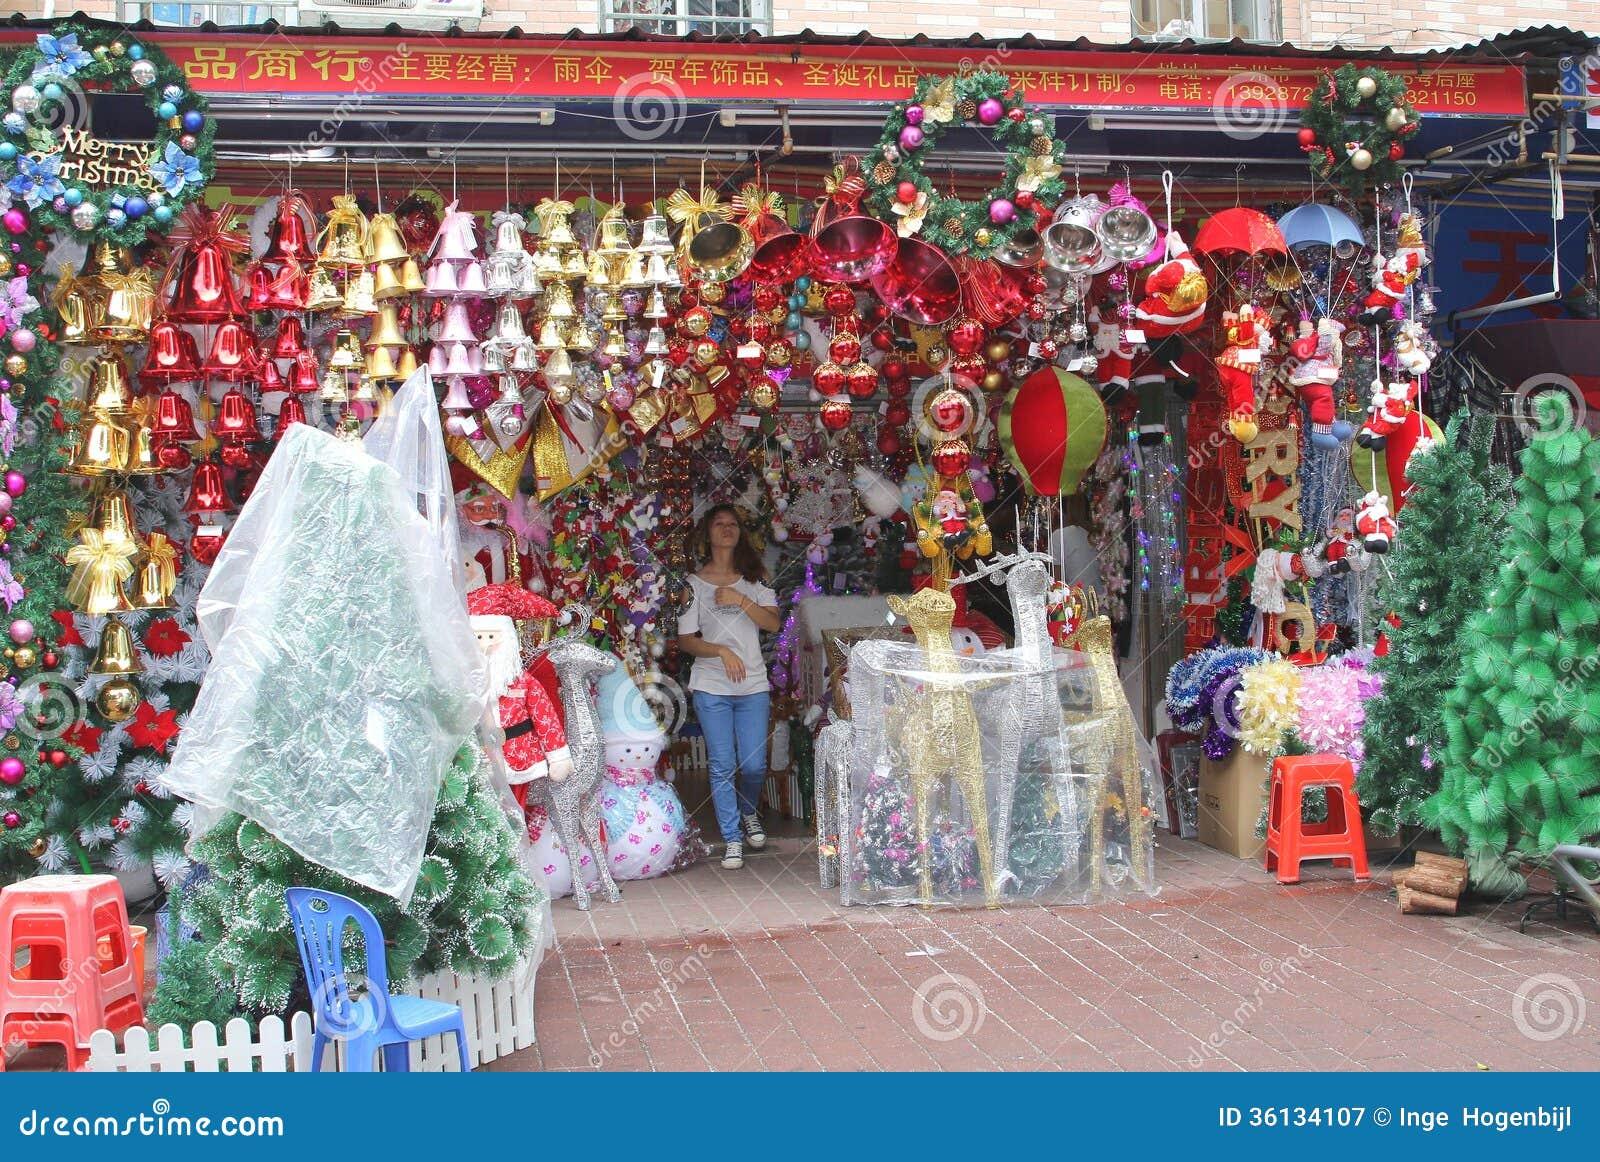 Boutique avec des décorations de Noël dans Guangzhou Chine